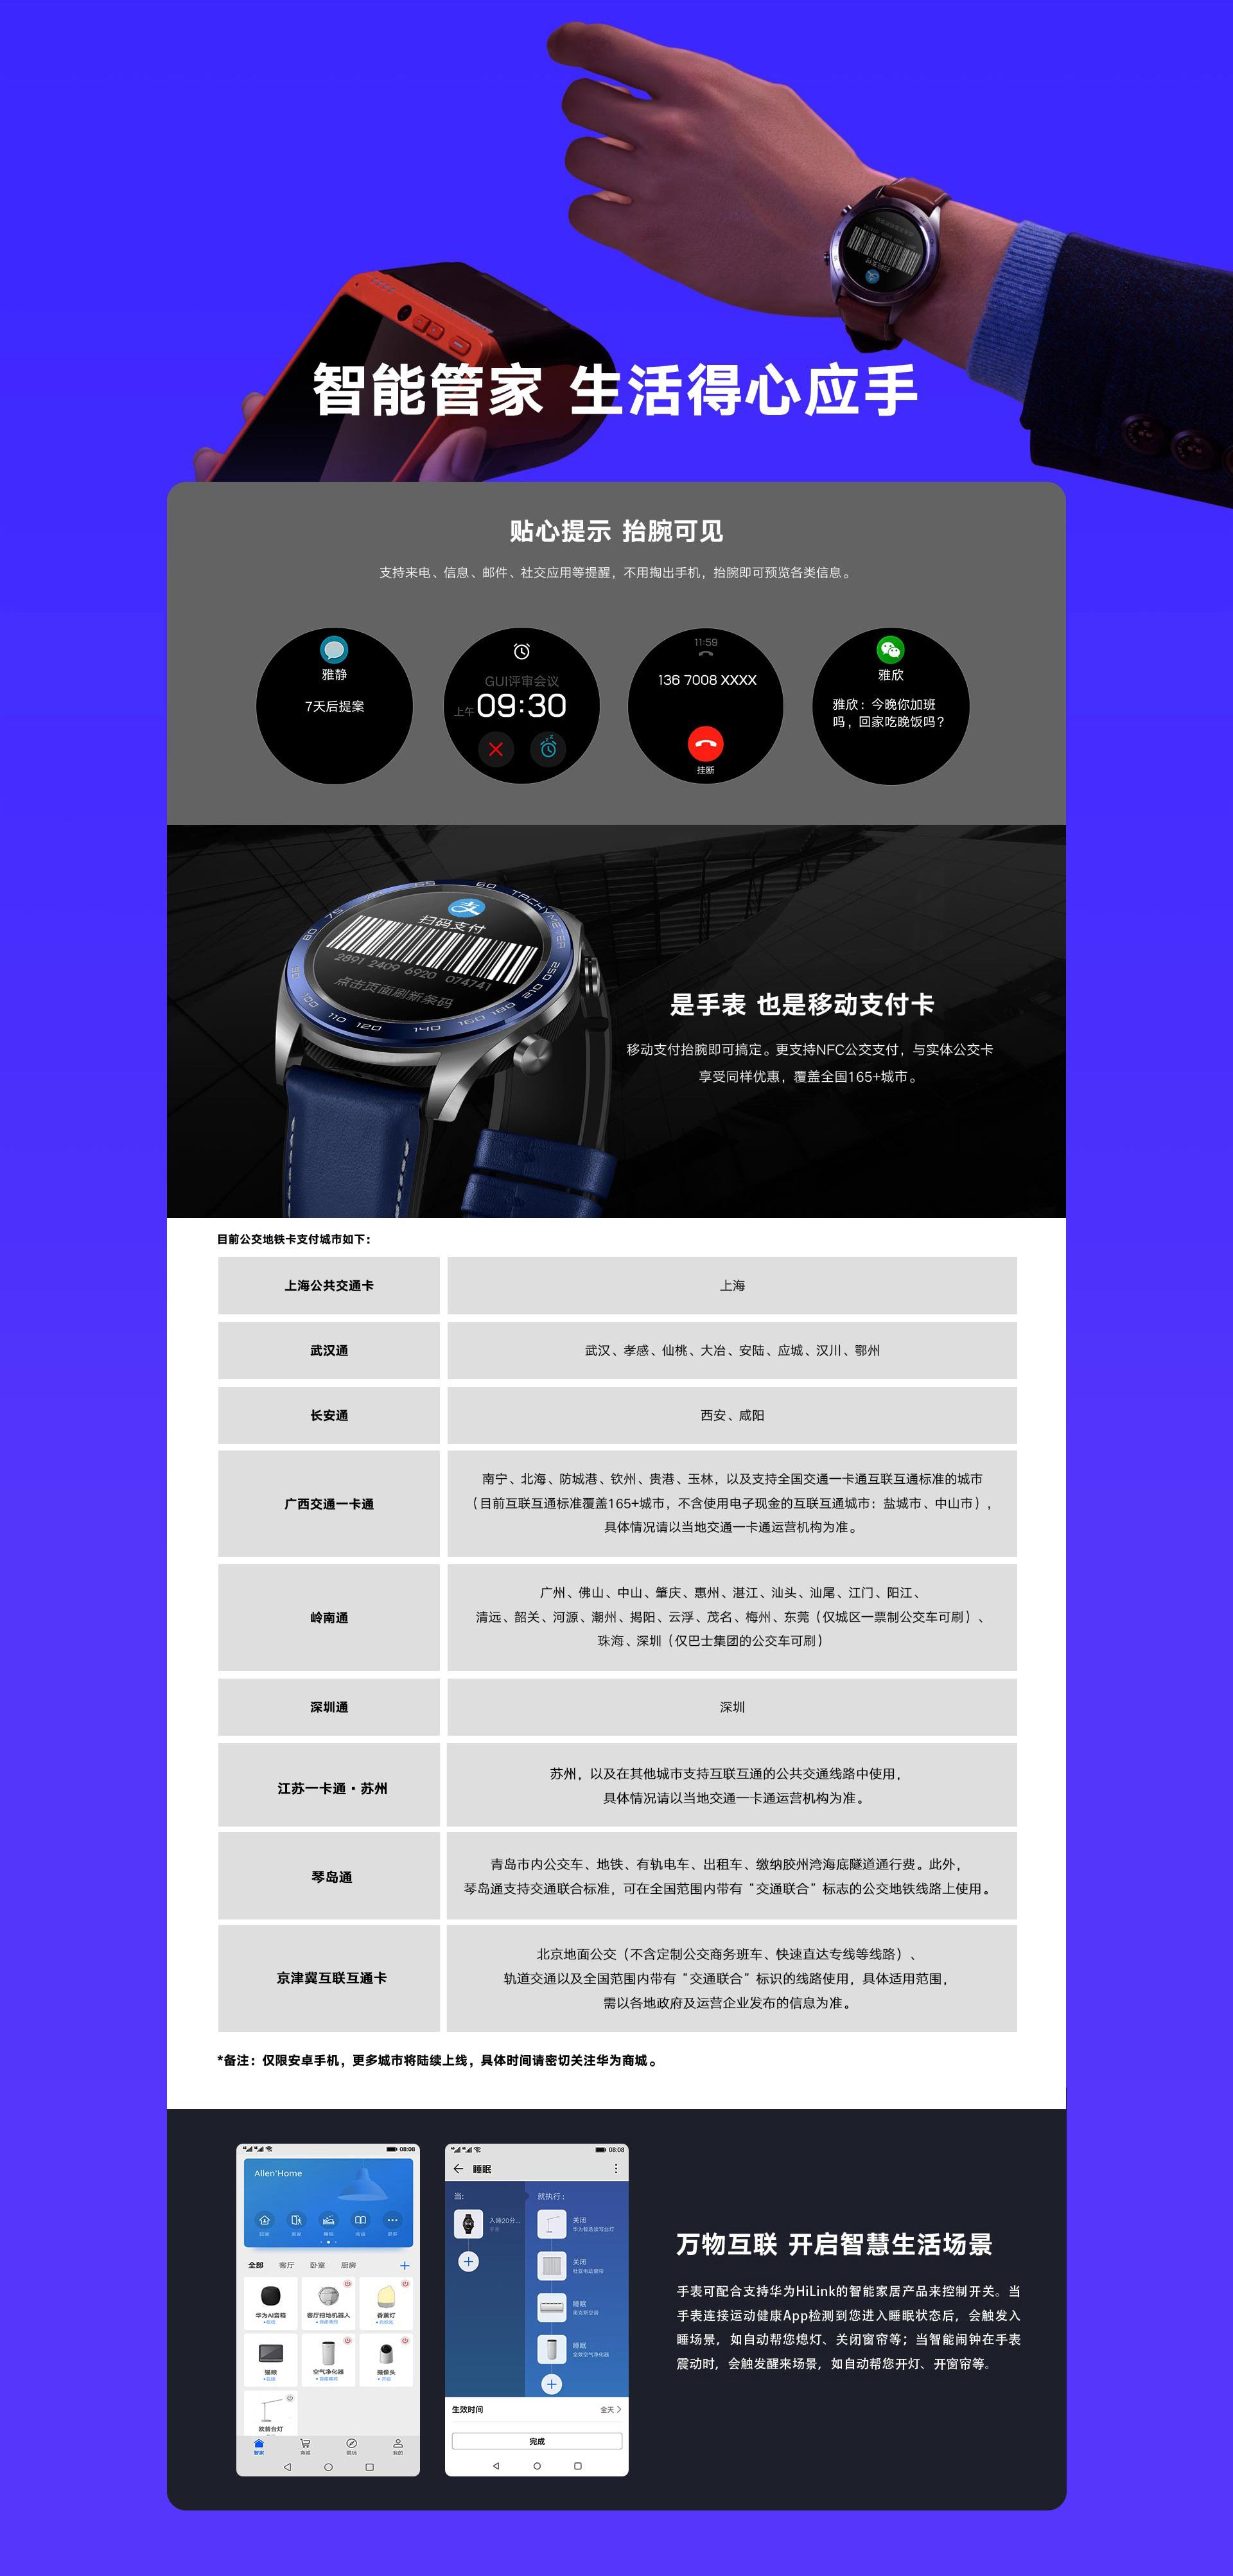 手表熔岩黑-深海蓝-月光银.jpg